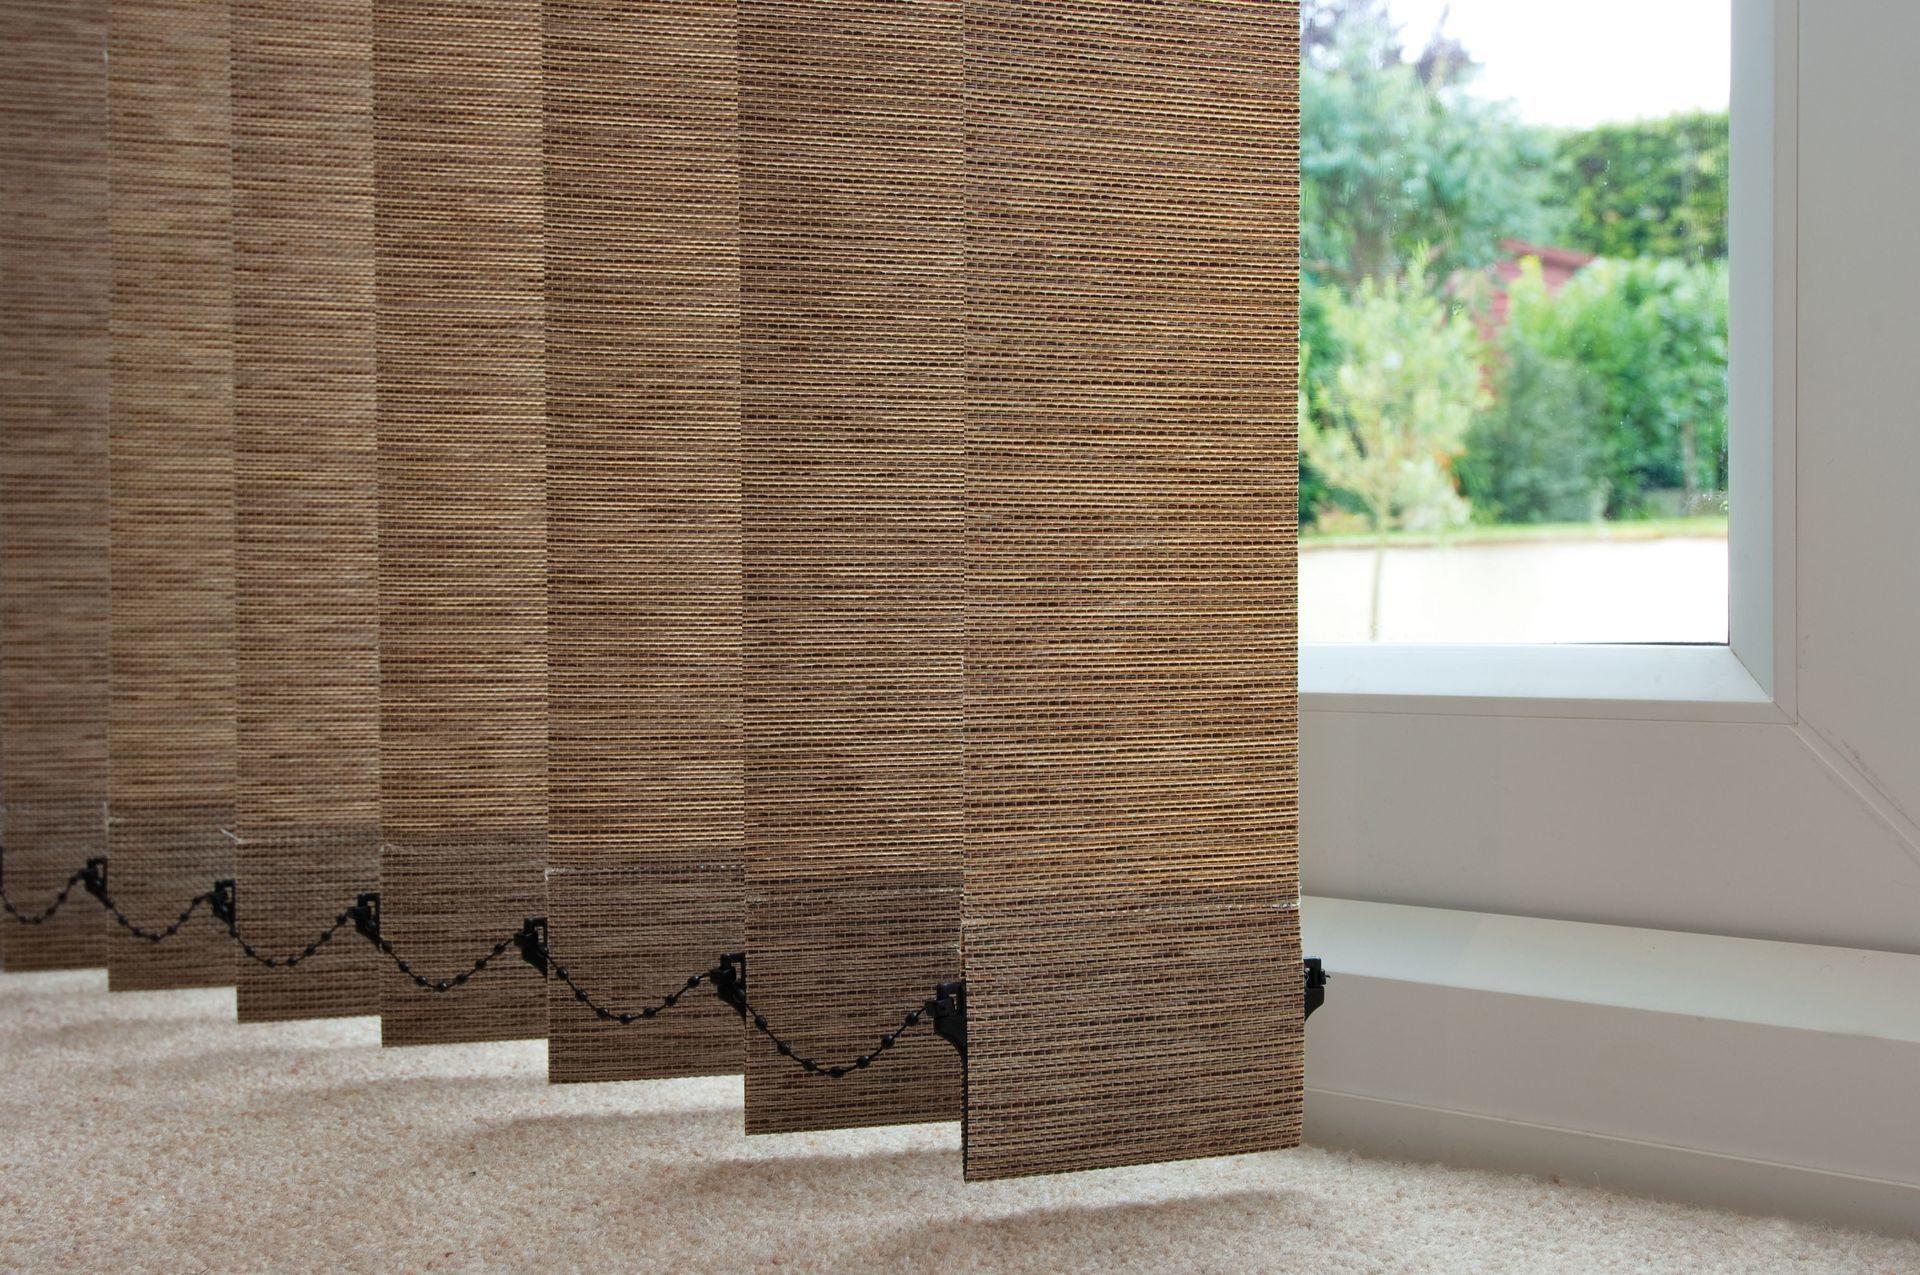 Тканевые вертикальные жалюзи – идеальный вариант для любой комнаты